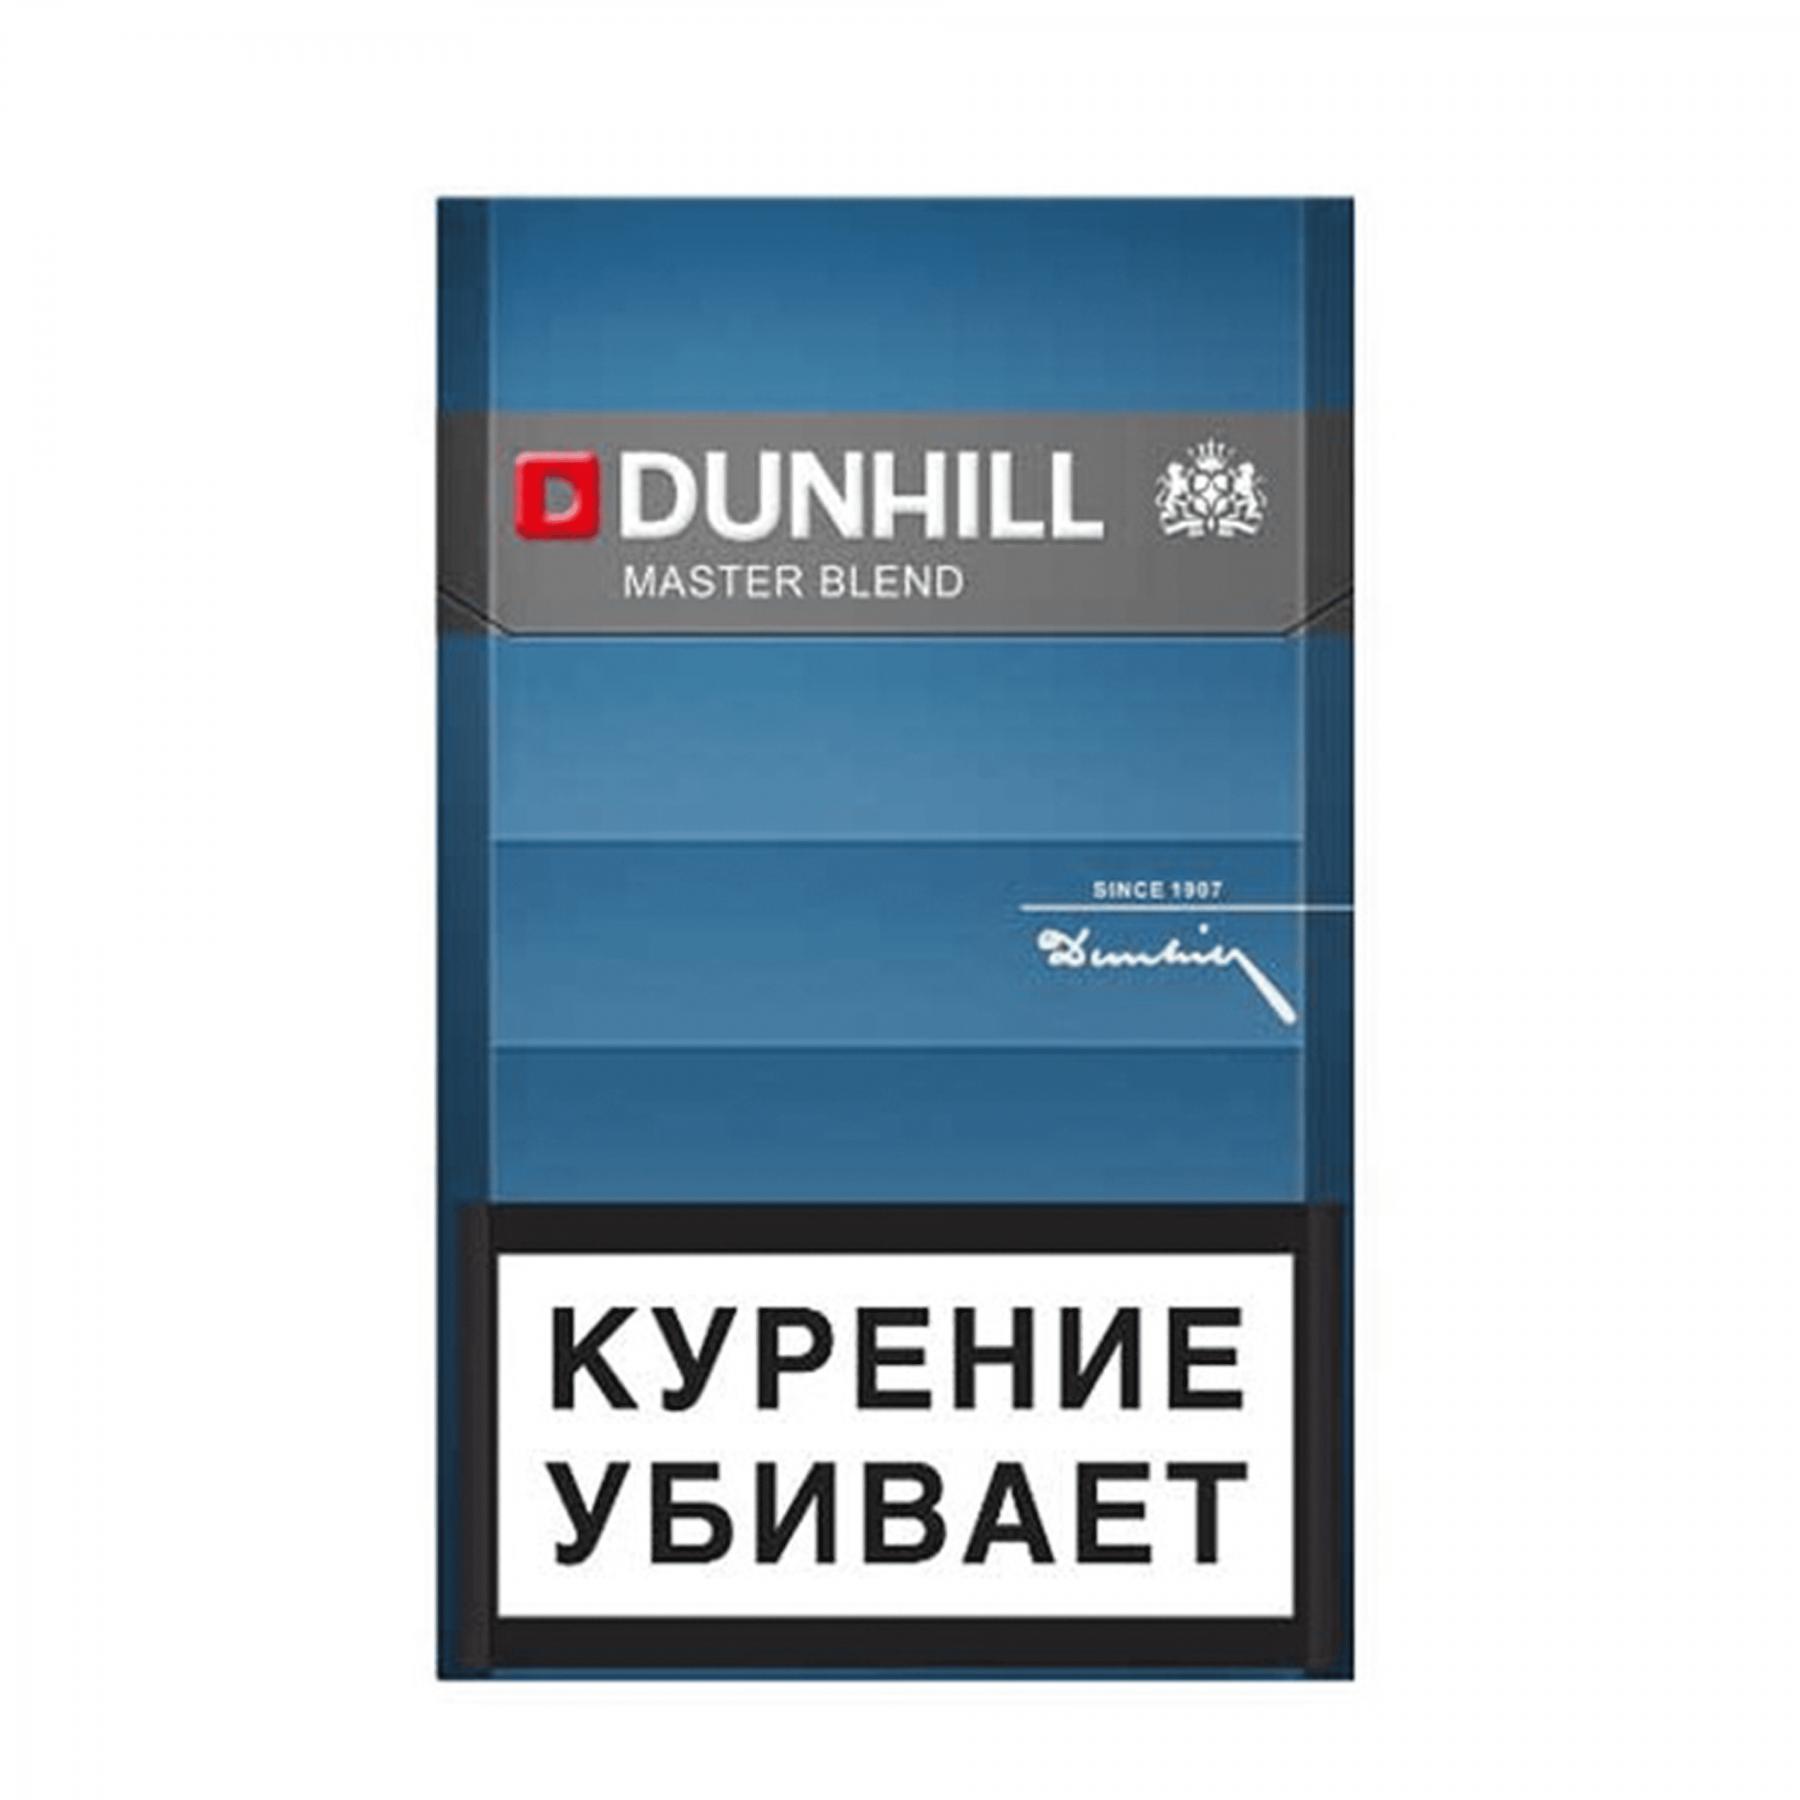 Купить сигареты санкт петербург данхилл анапа электронные сигареты купить